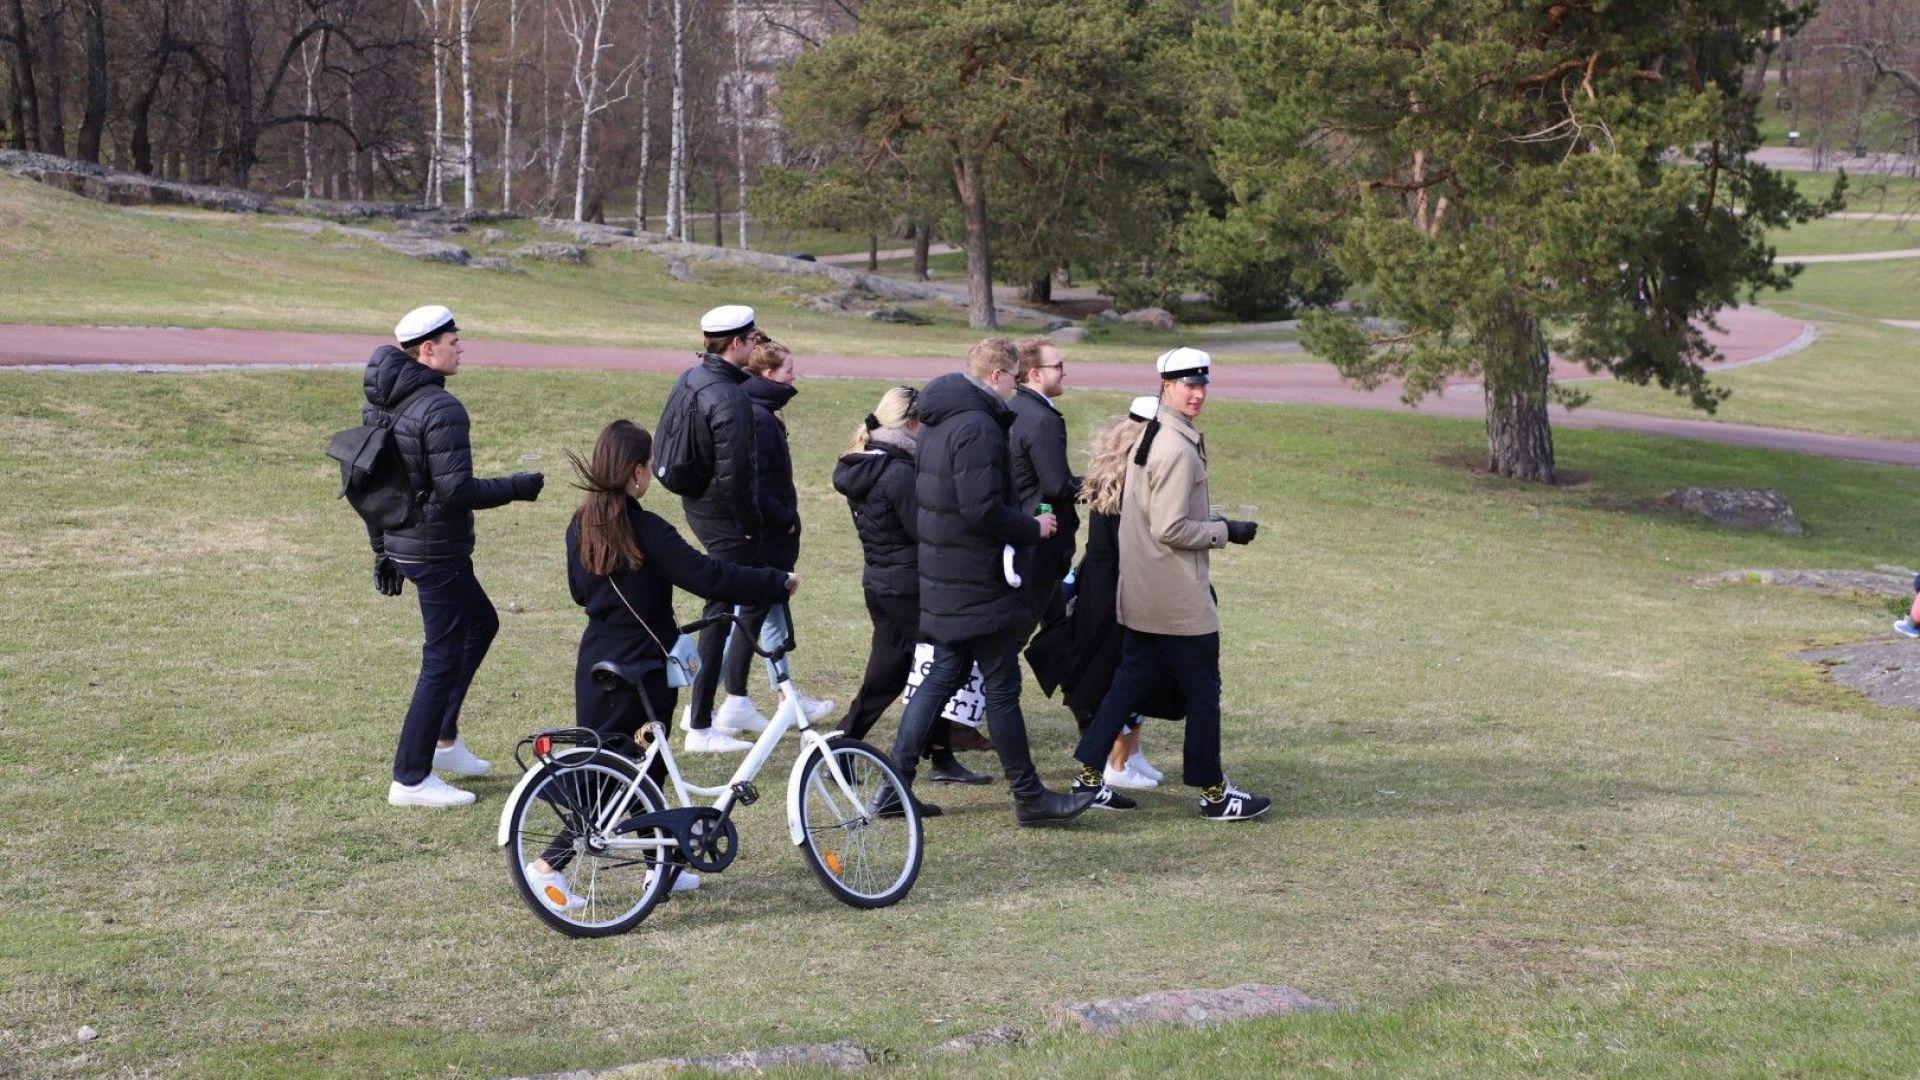 Всеки месец 560 евро подарък от държавата: успешен ли беше финландският експеримент